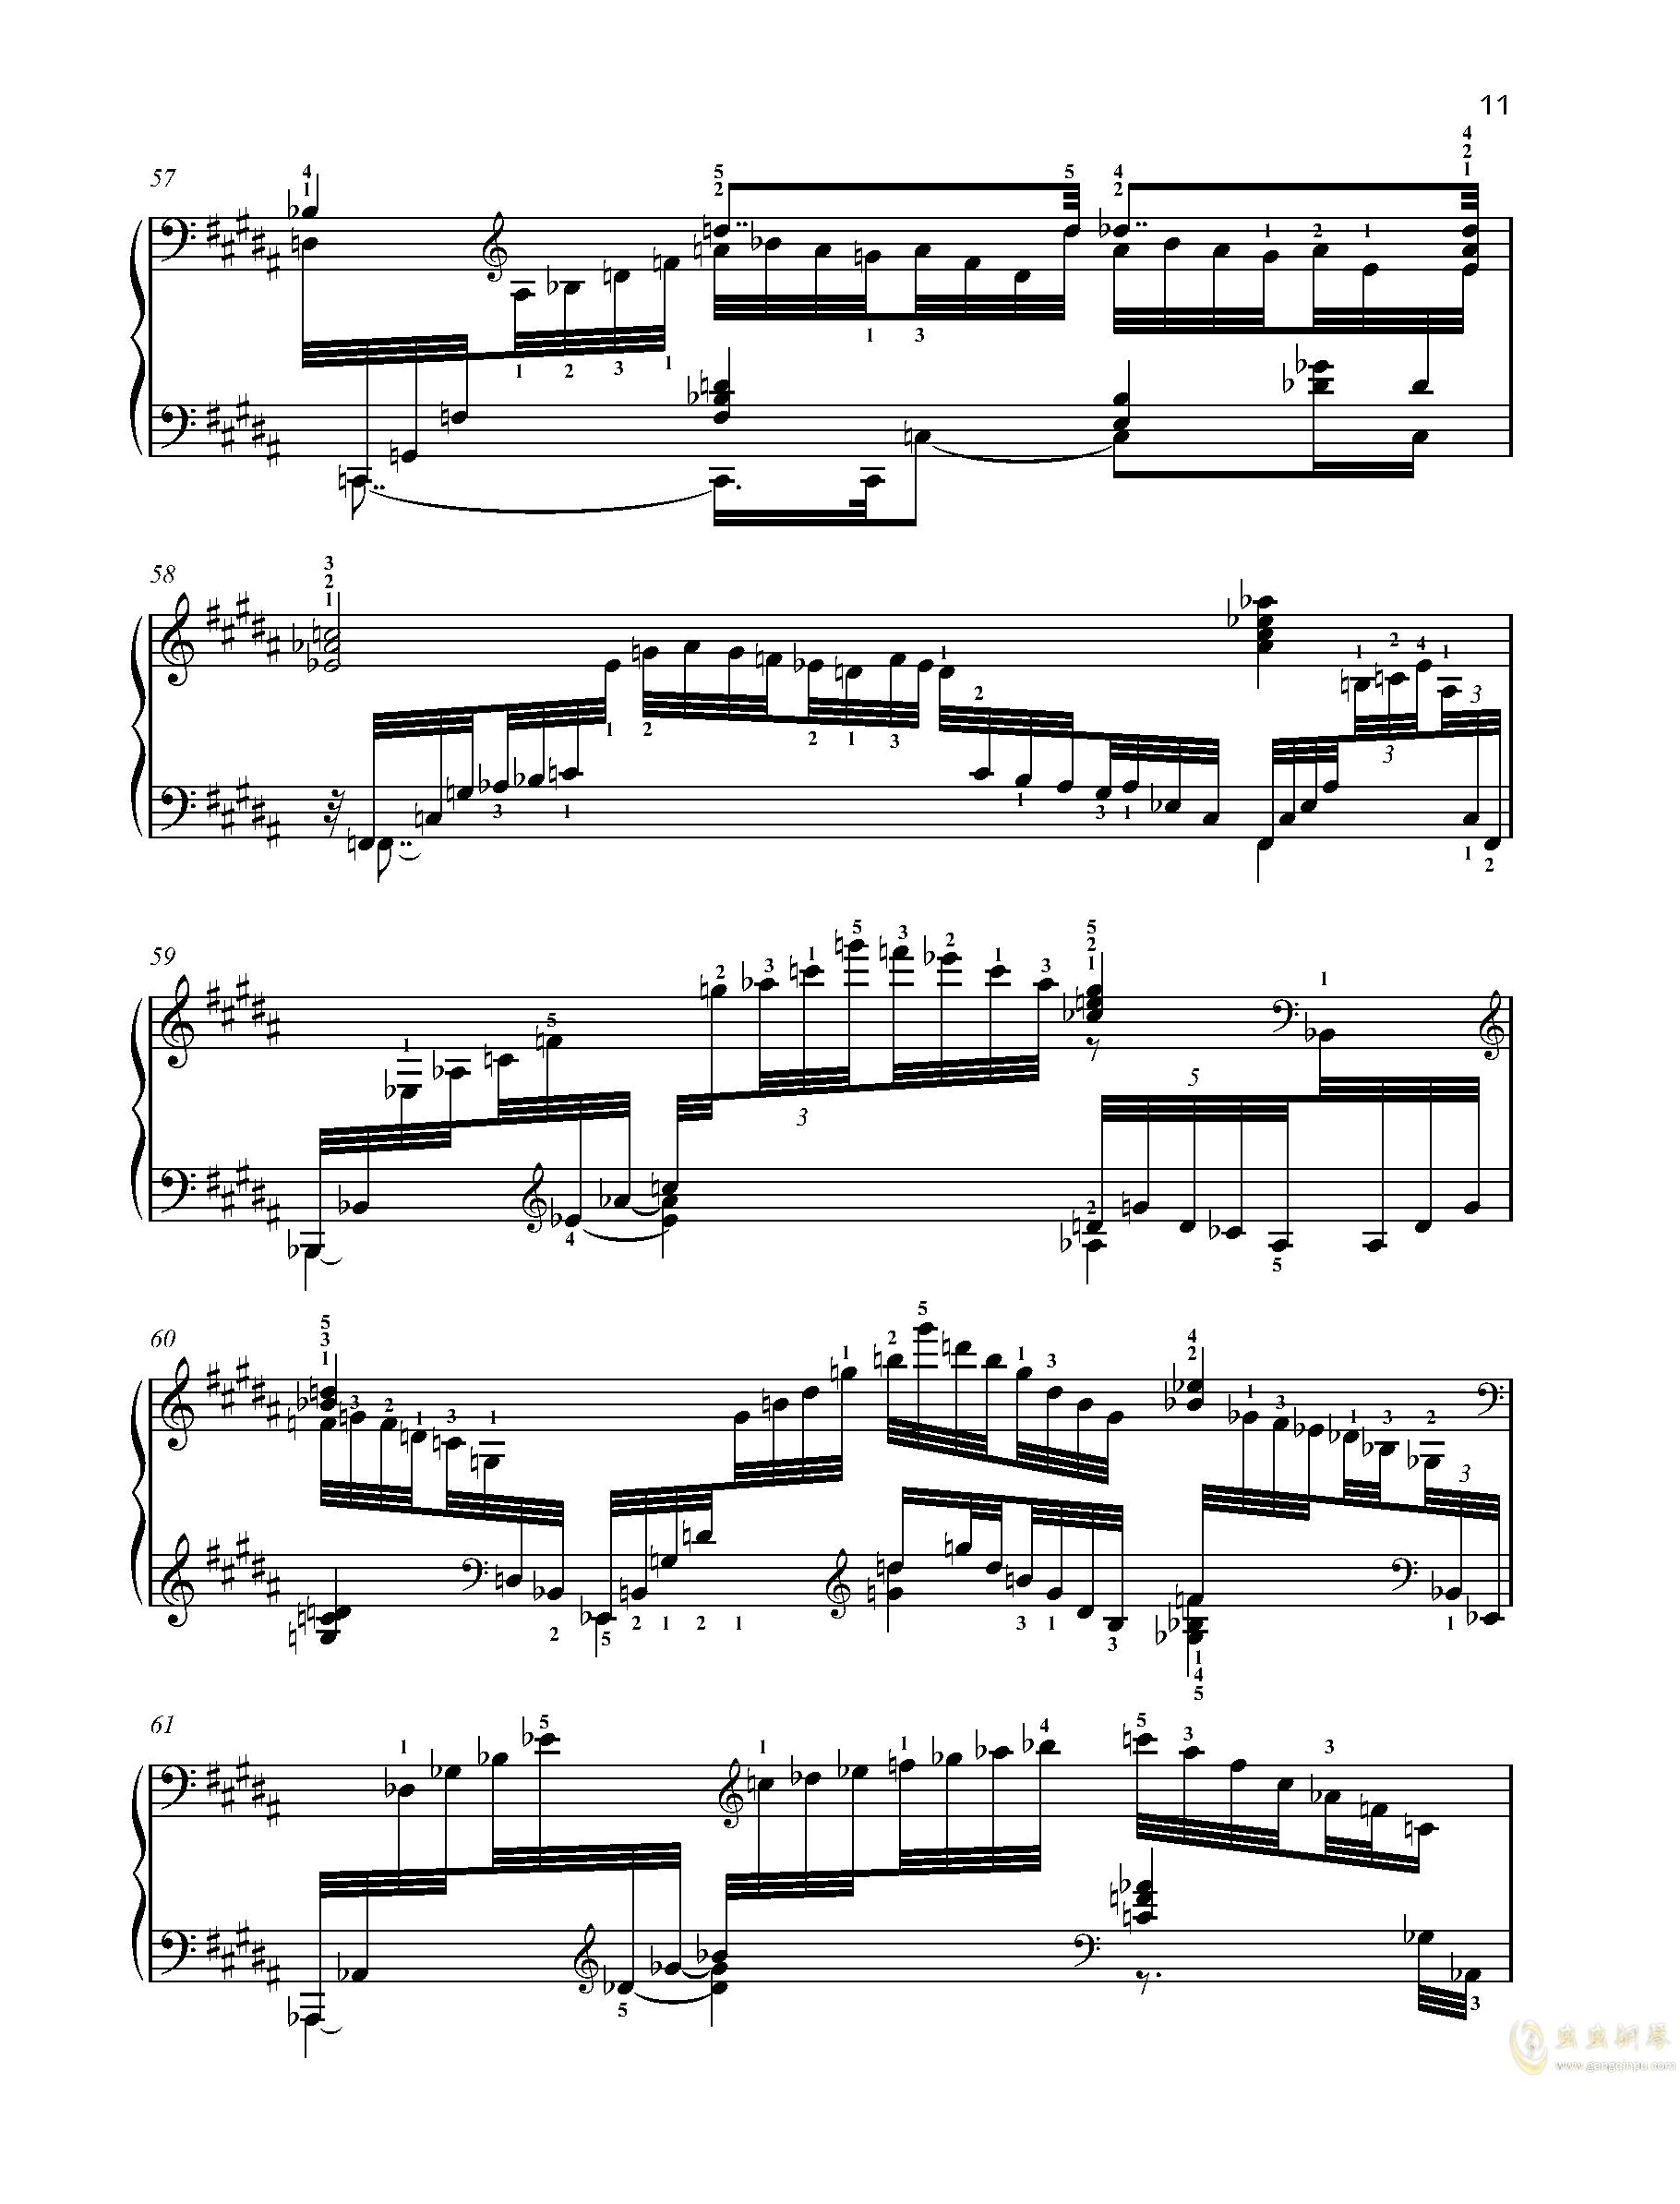 【爵士】【带指法】尼古拉斯凯帕斯汀 八首音乐会练习曲  Eight Concert 钢琴谱 第11页